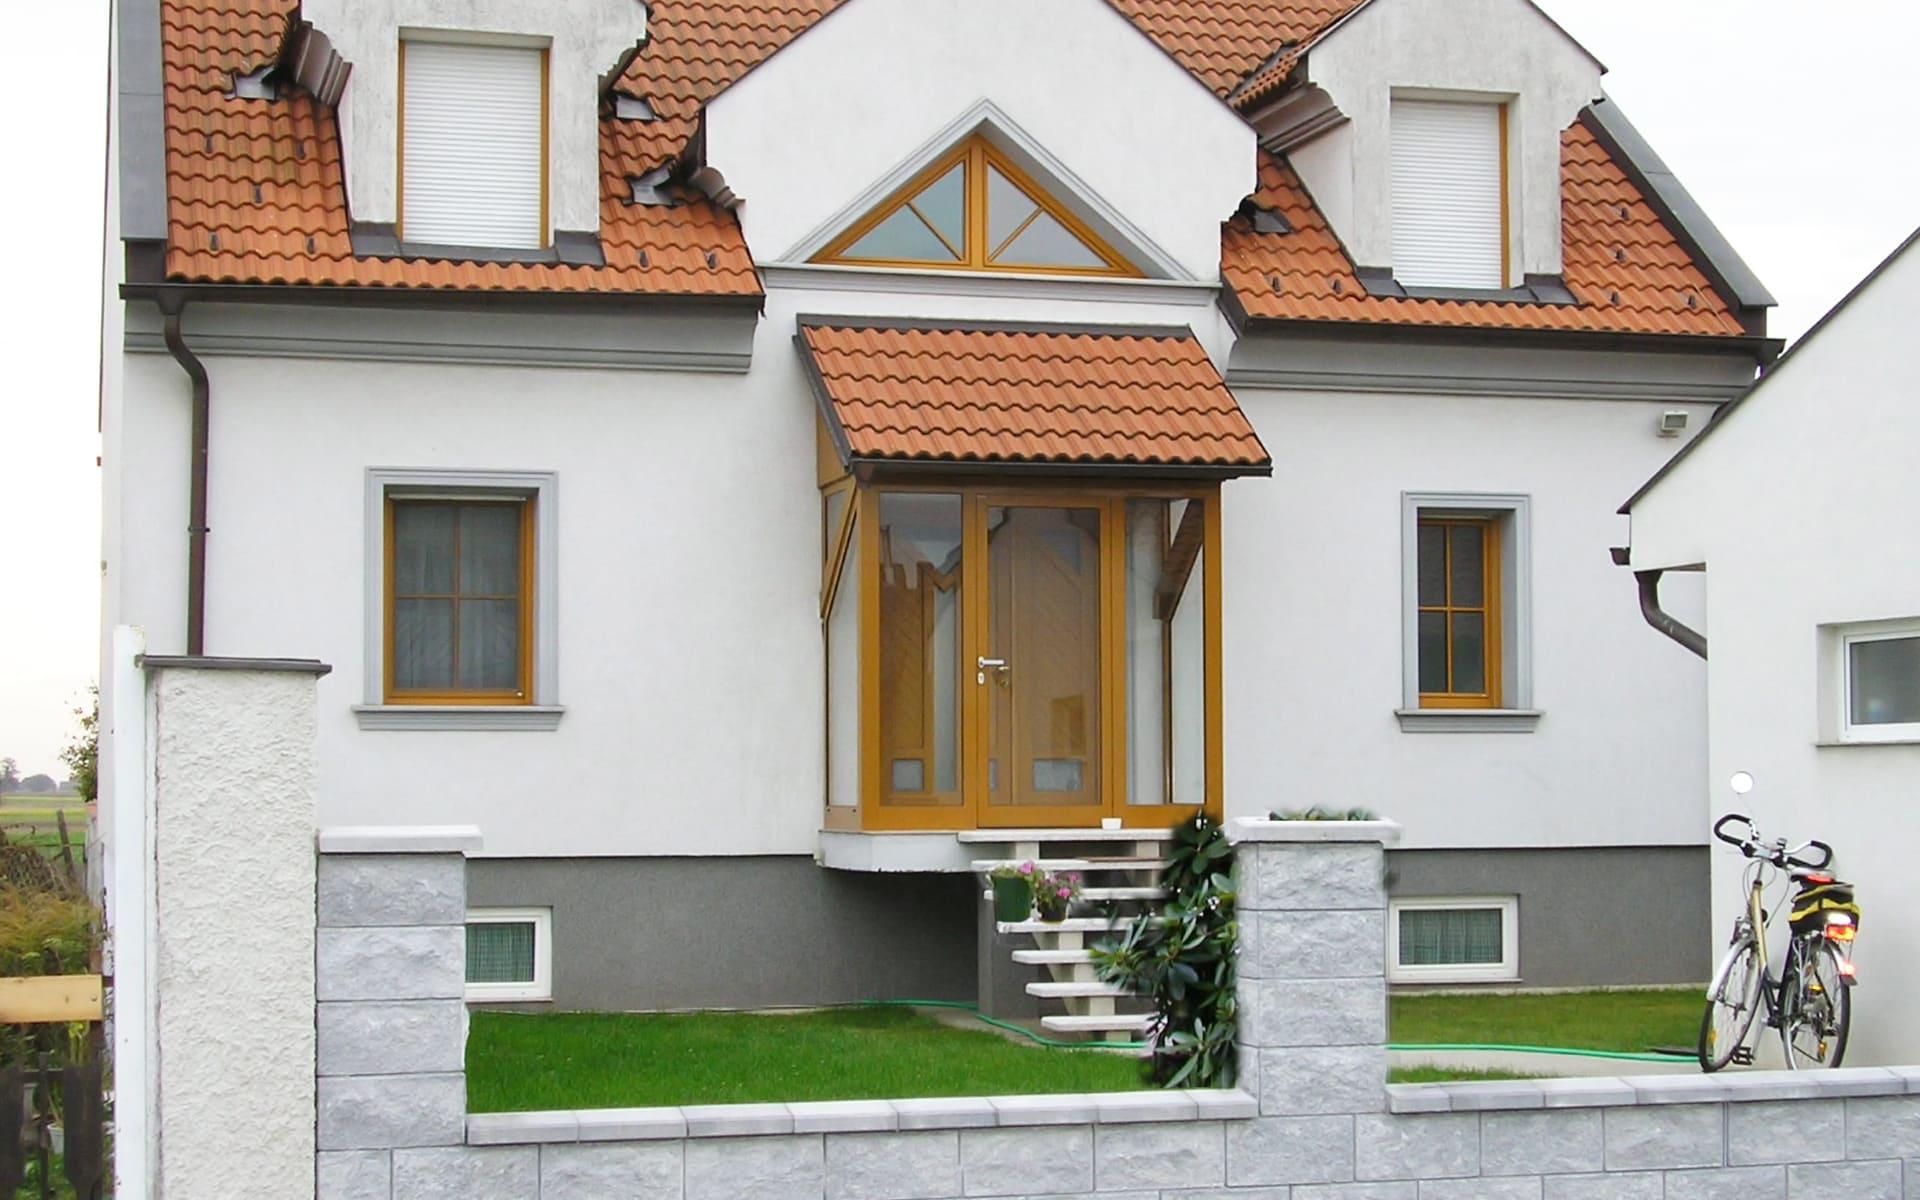 Verglaster Eingangsbereich für Wohnhäuser